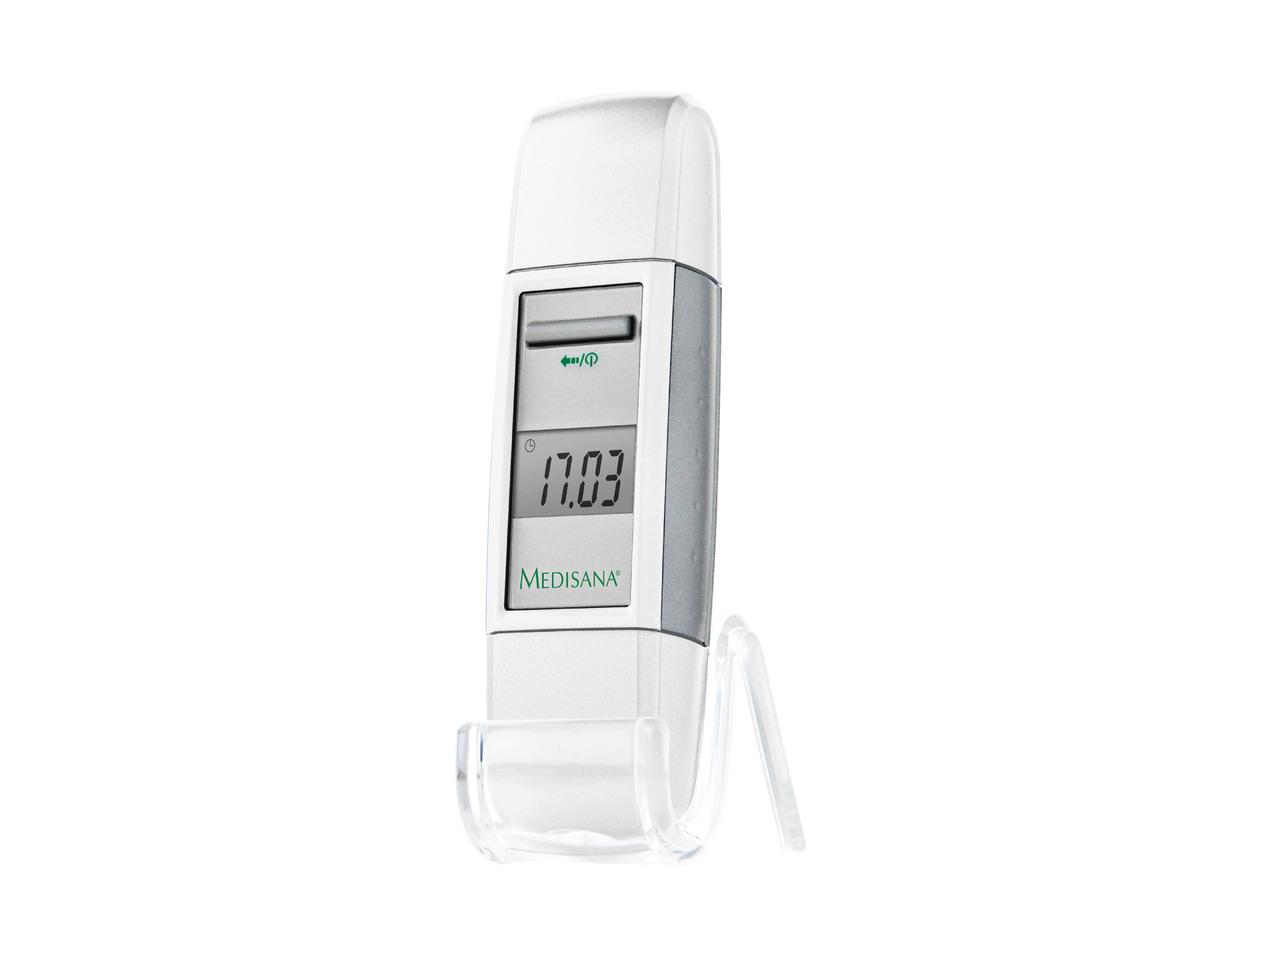 3-in-1-Infrarot-Thermometer MEDISANA CHF49